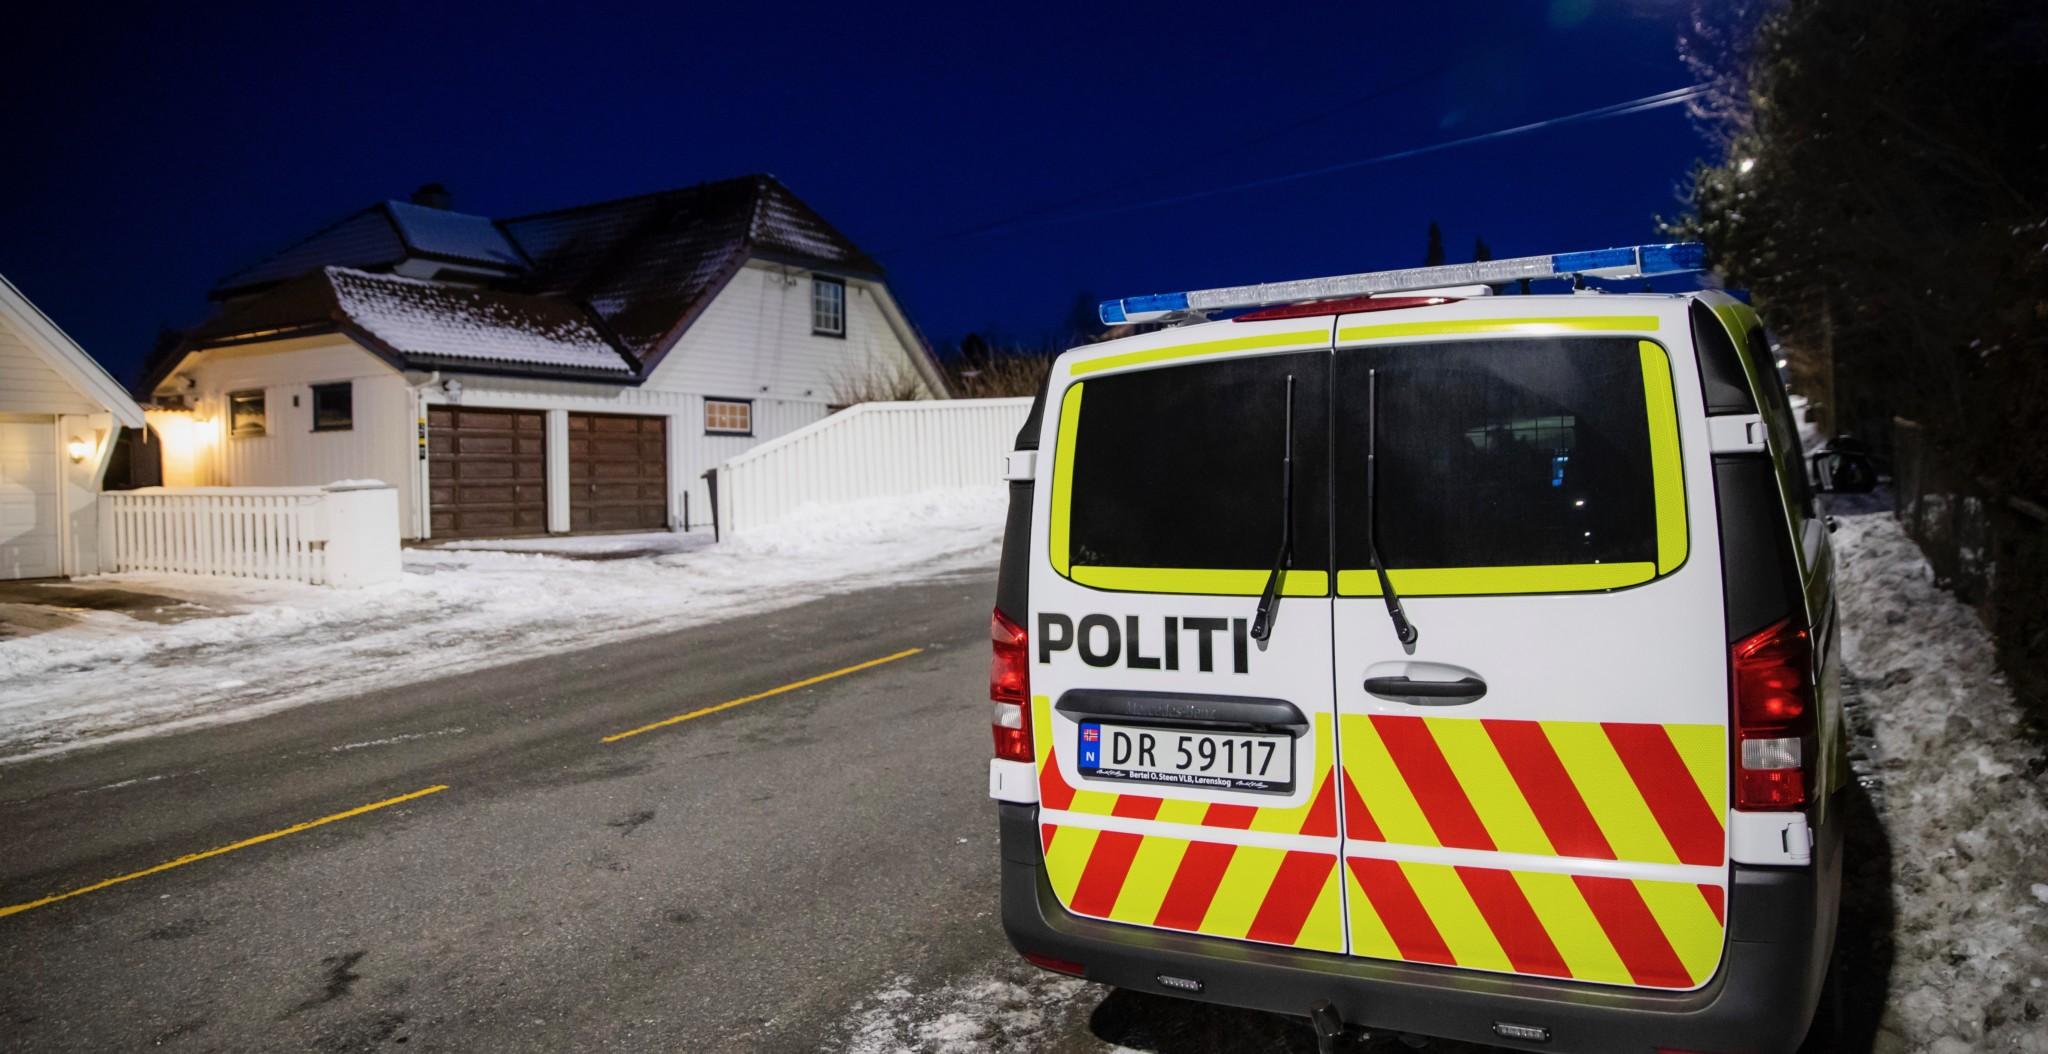 Kritisk til politiets håndtering